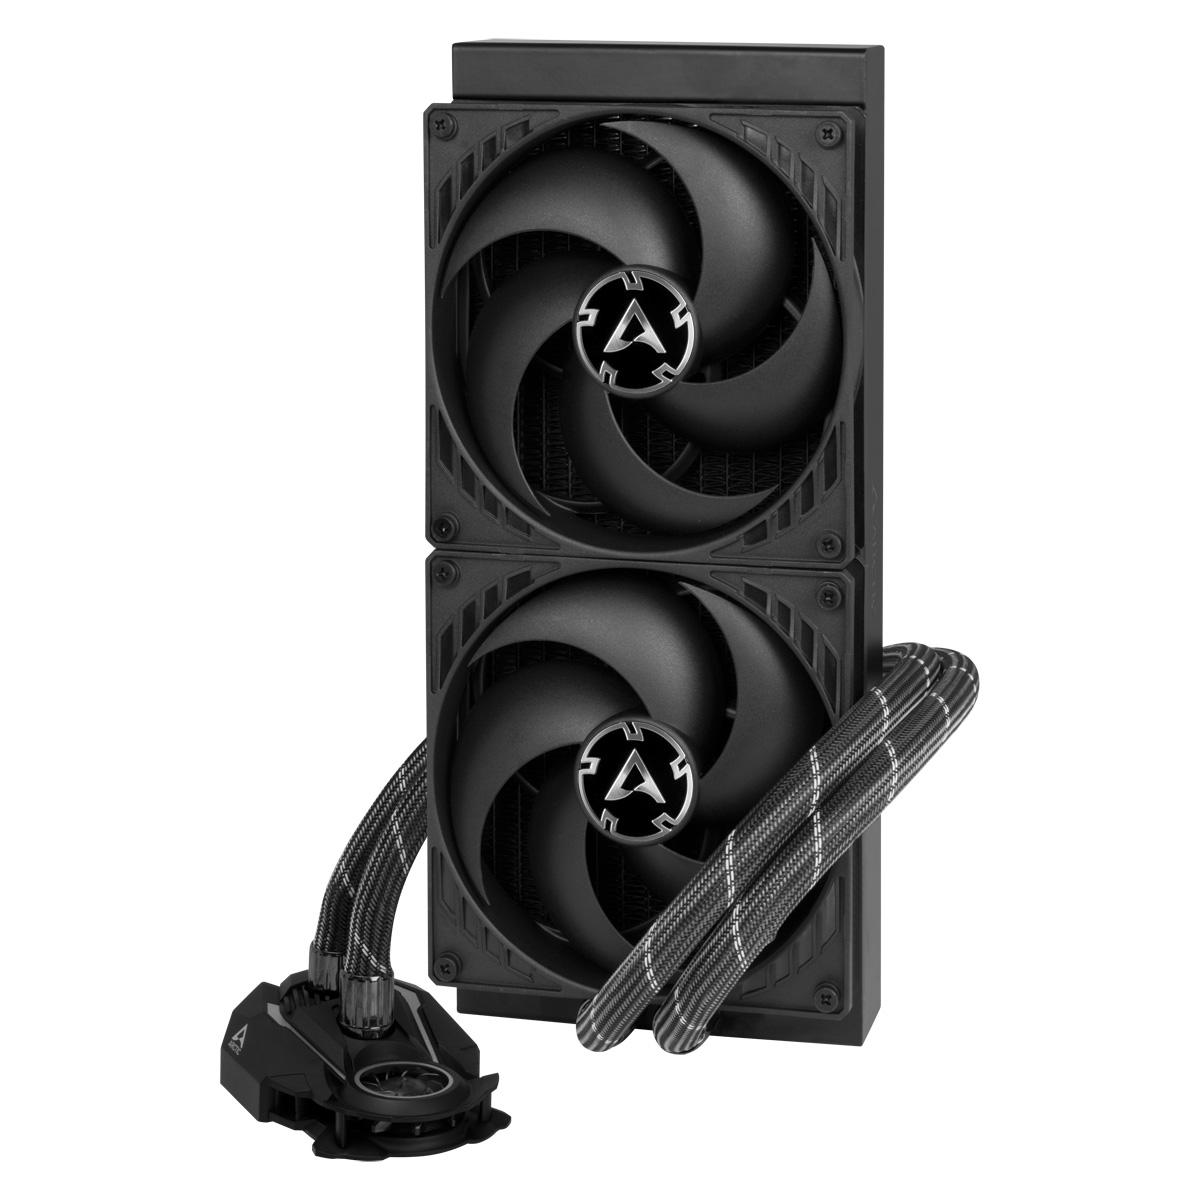 Multikompatibler AiO CPU-Wasserkühler ARCTIC Liquid Freezer II 360 ARCTIC Liquid Freezer II 280 Vorderansicht